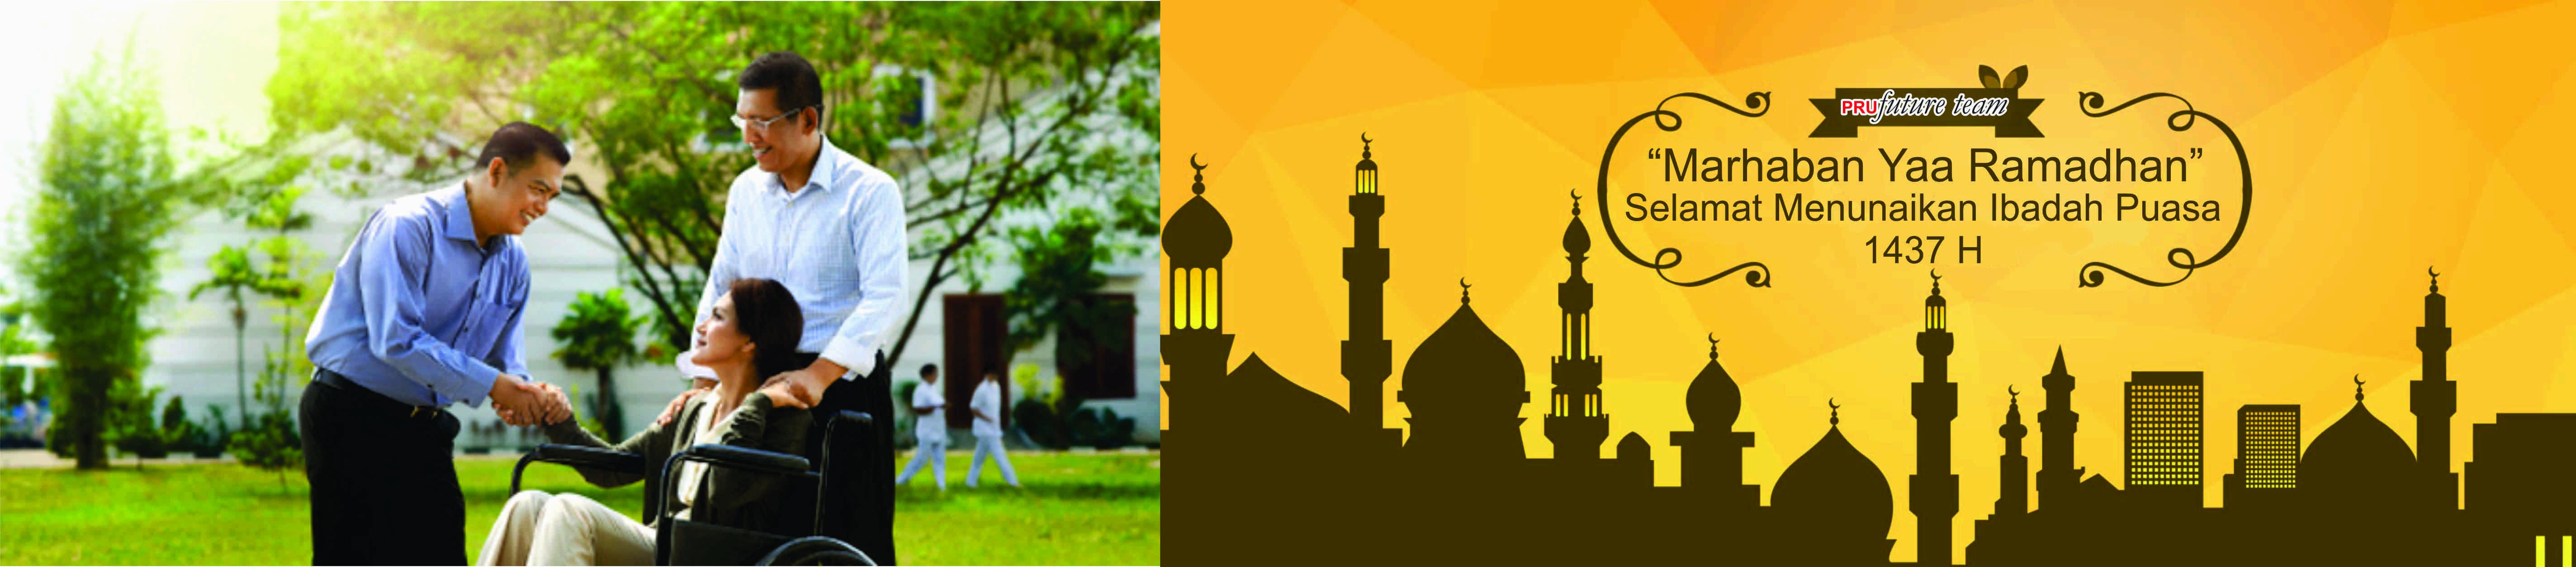 slide 1 ramadhan